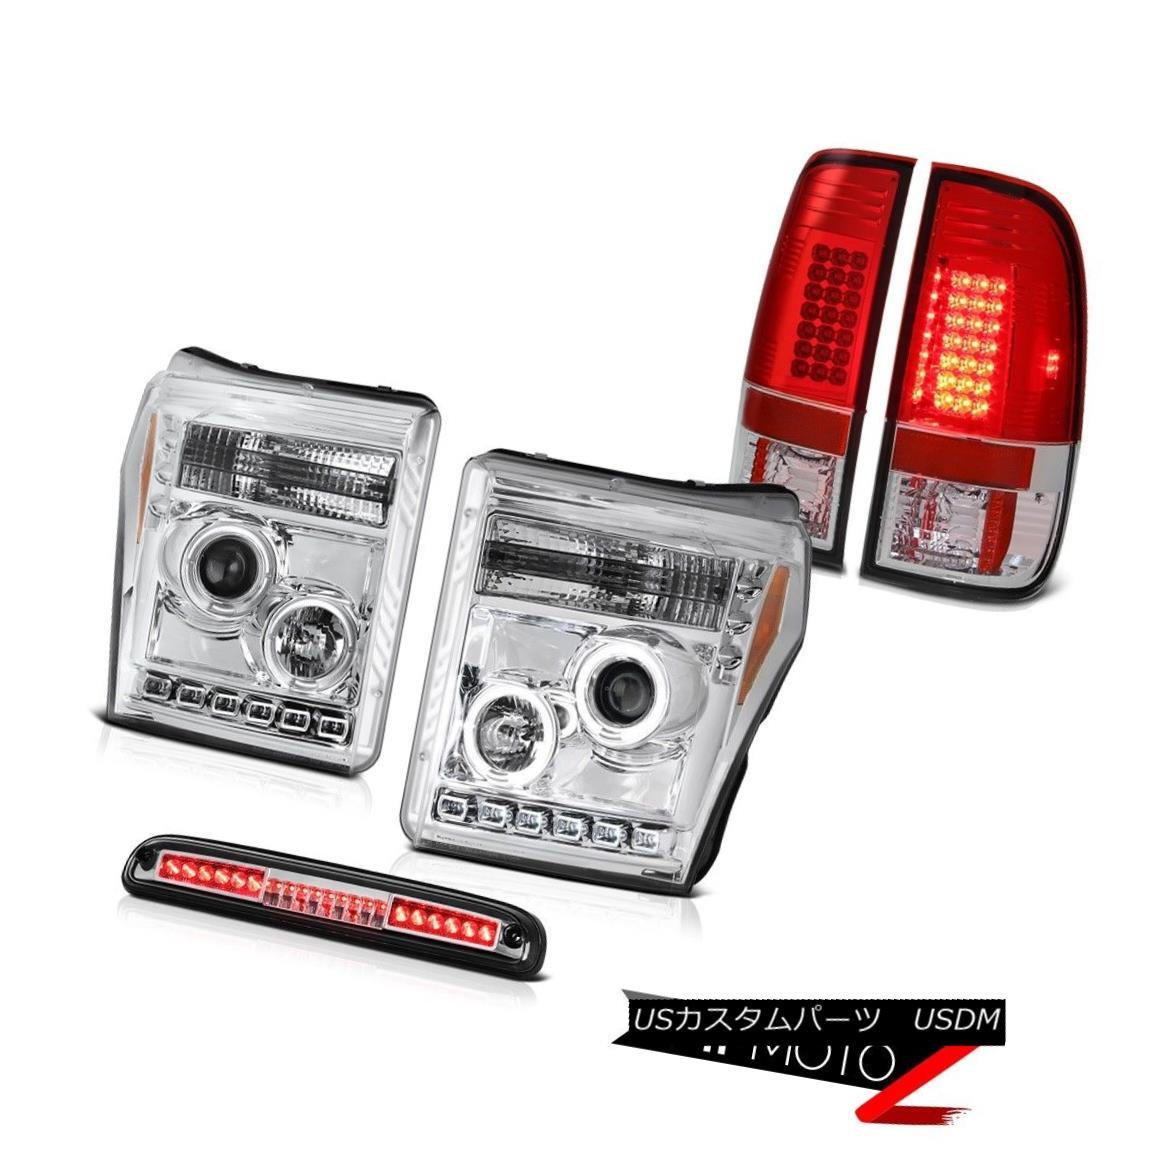 ヘッドライト 11-16 F250 Lariat Sterling Chrome High Stop Light Rosso Red Taillights Headlamps 11-16 F250ラリアットスターリングクロームハイストップライトロッソレッドティアライトヘッドランプ